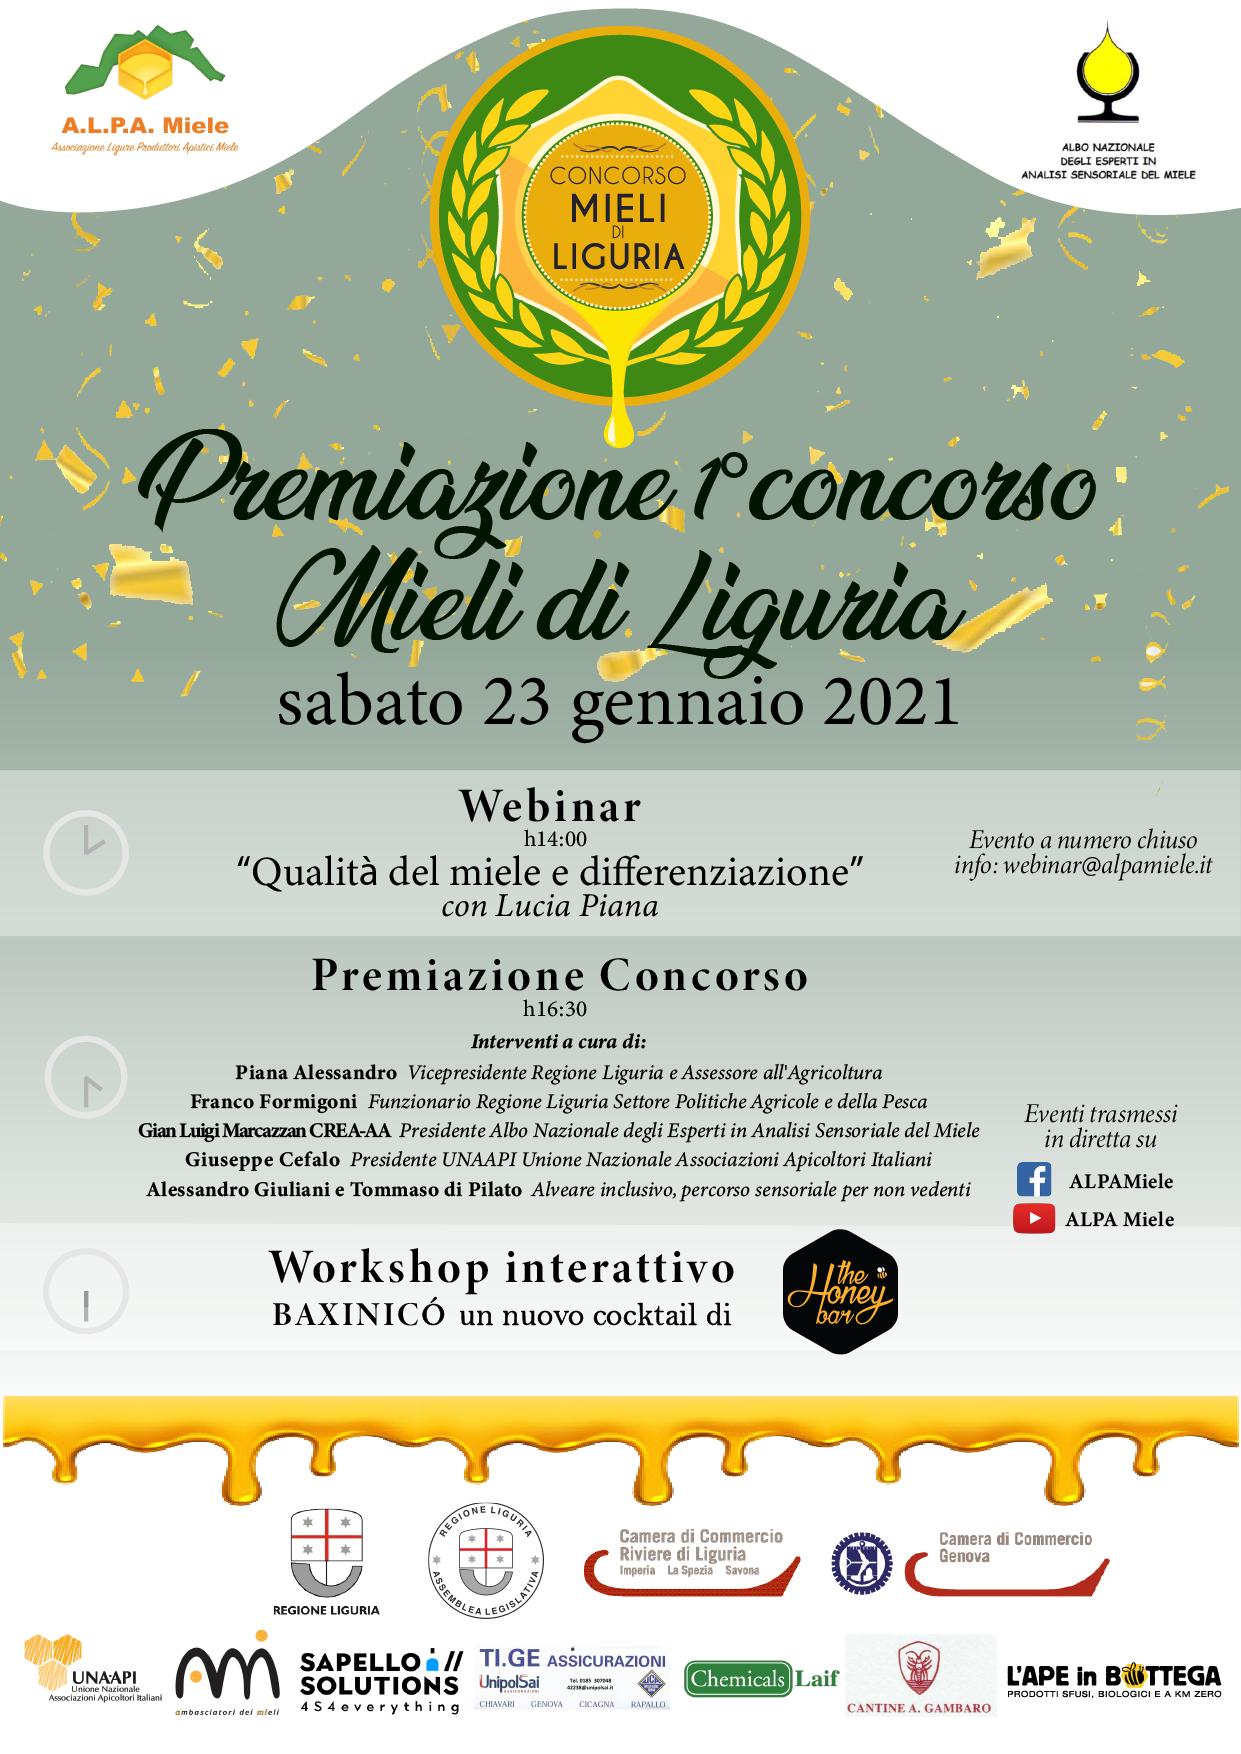 Concorso Mieli di Liguria: sabato la premiazione